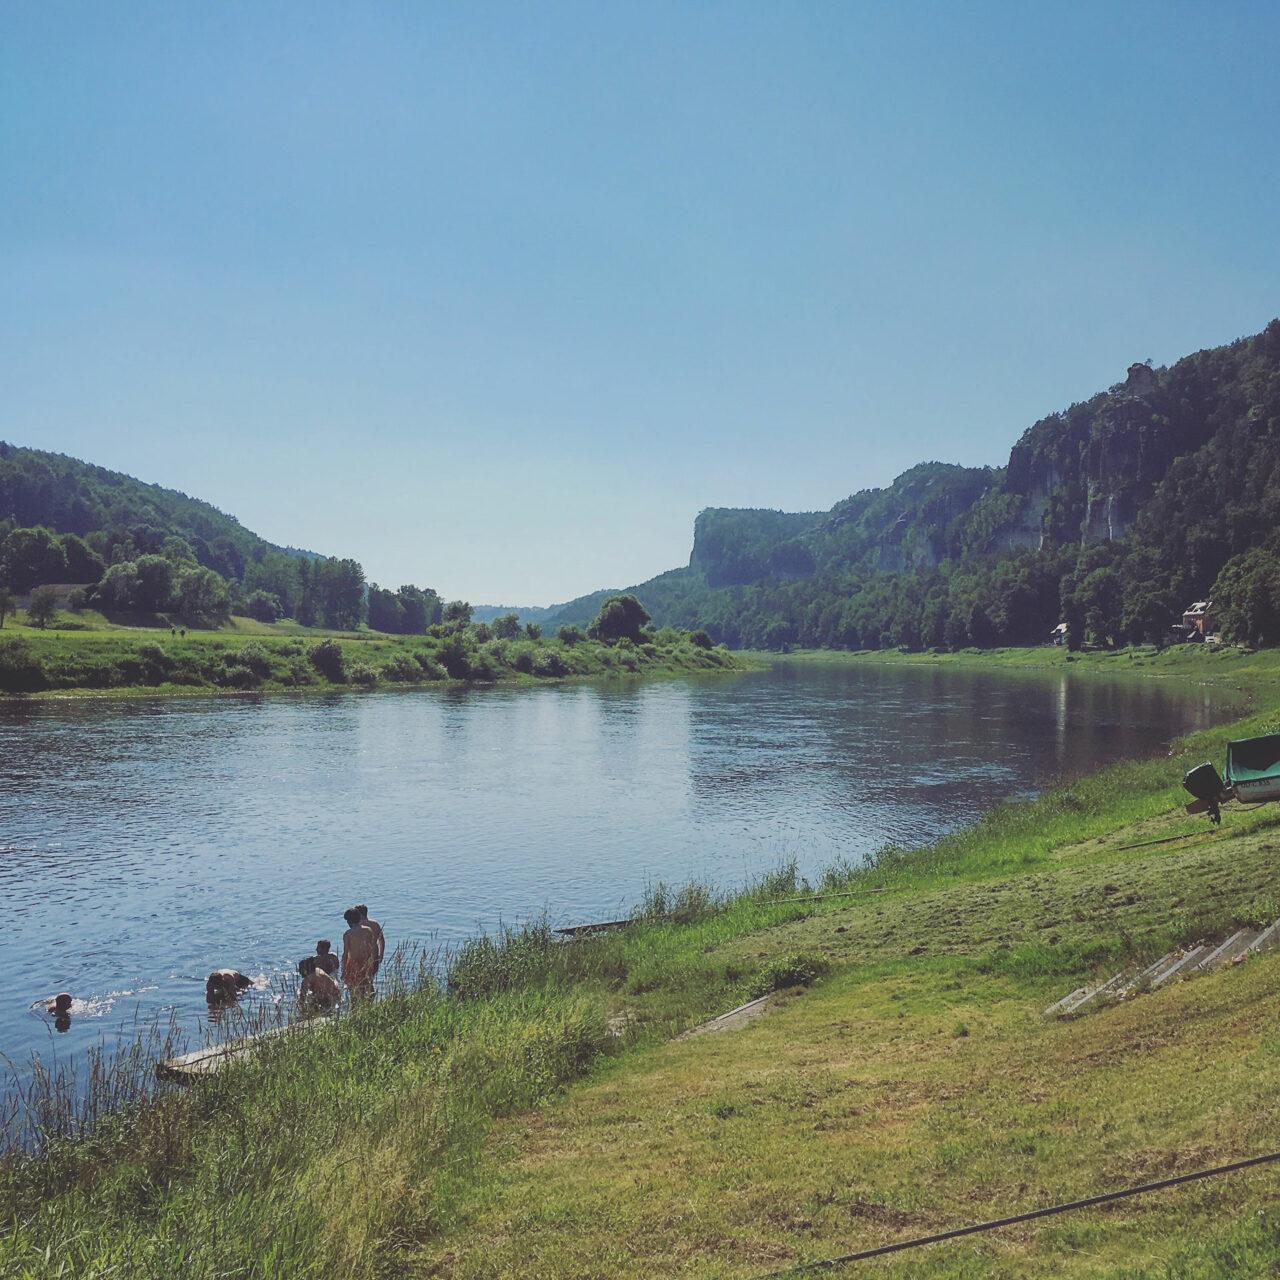 Sauber und ökologisch wertvoll: in der Elbe kann man seit einigen Jahren wieder bedenkenlos baden.